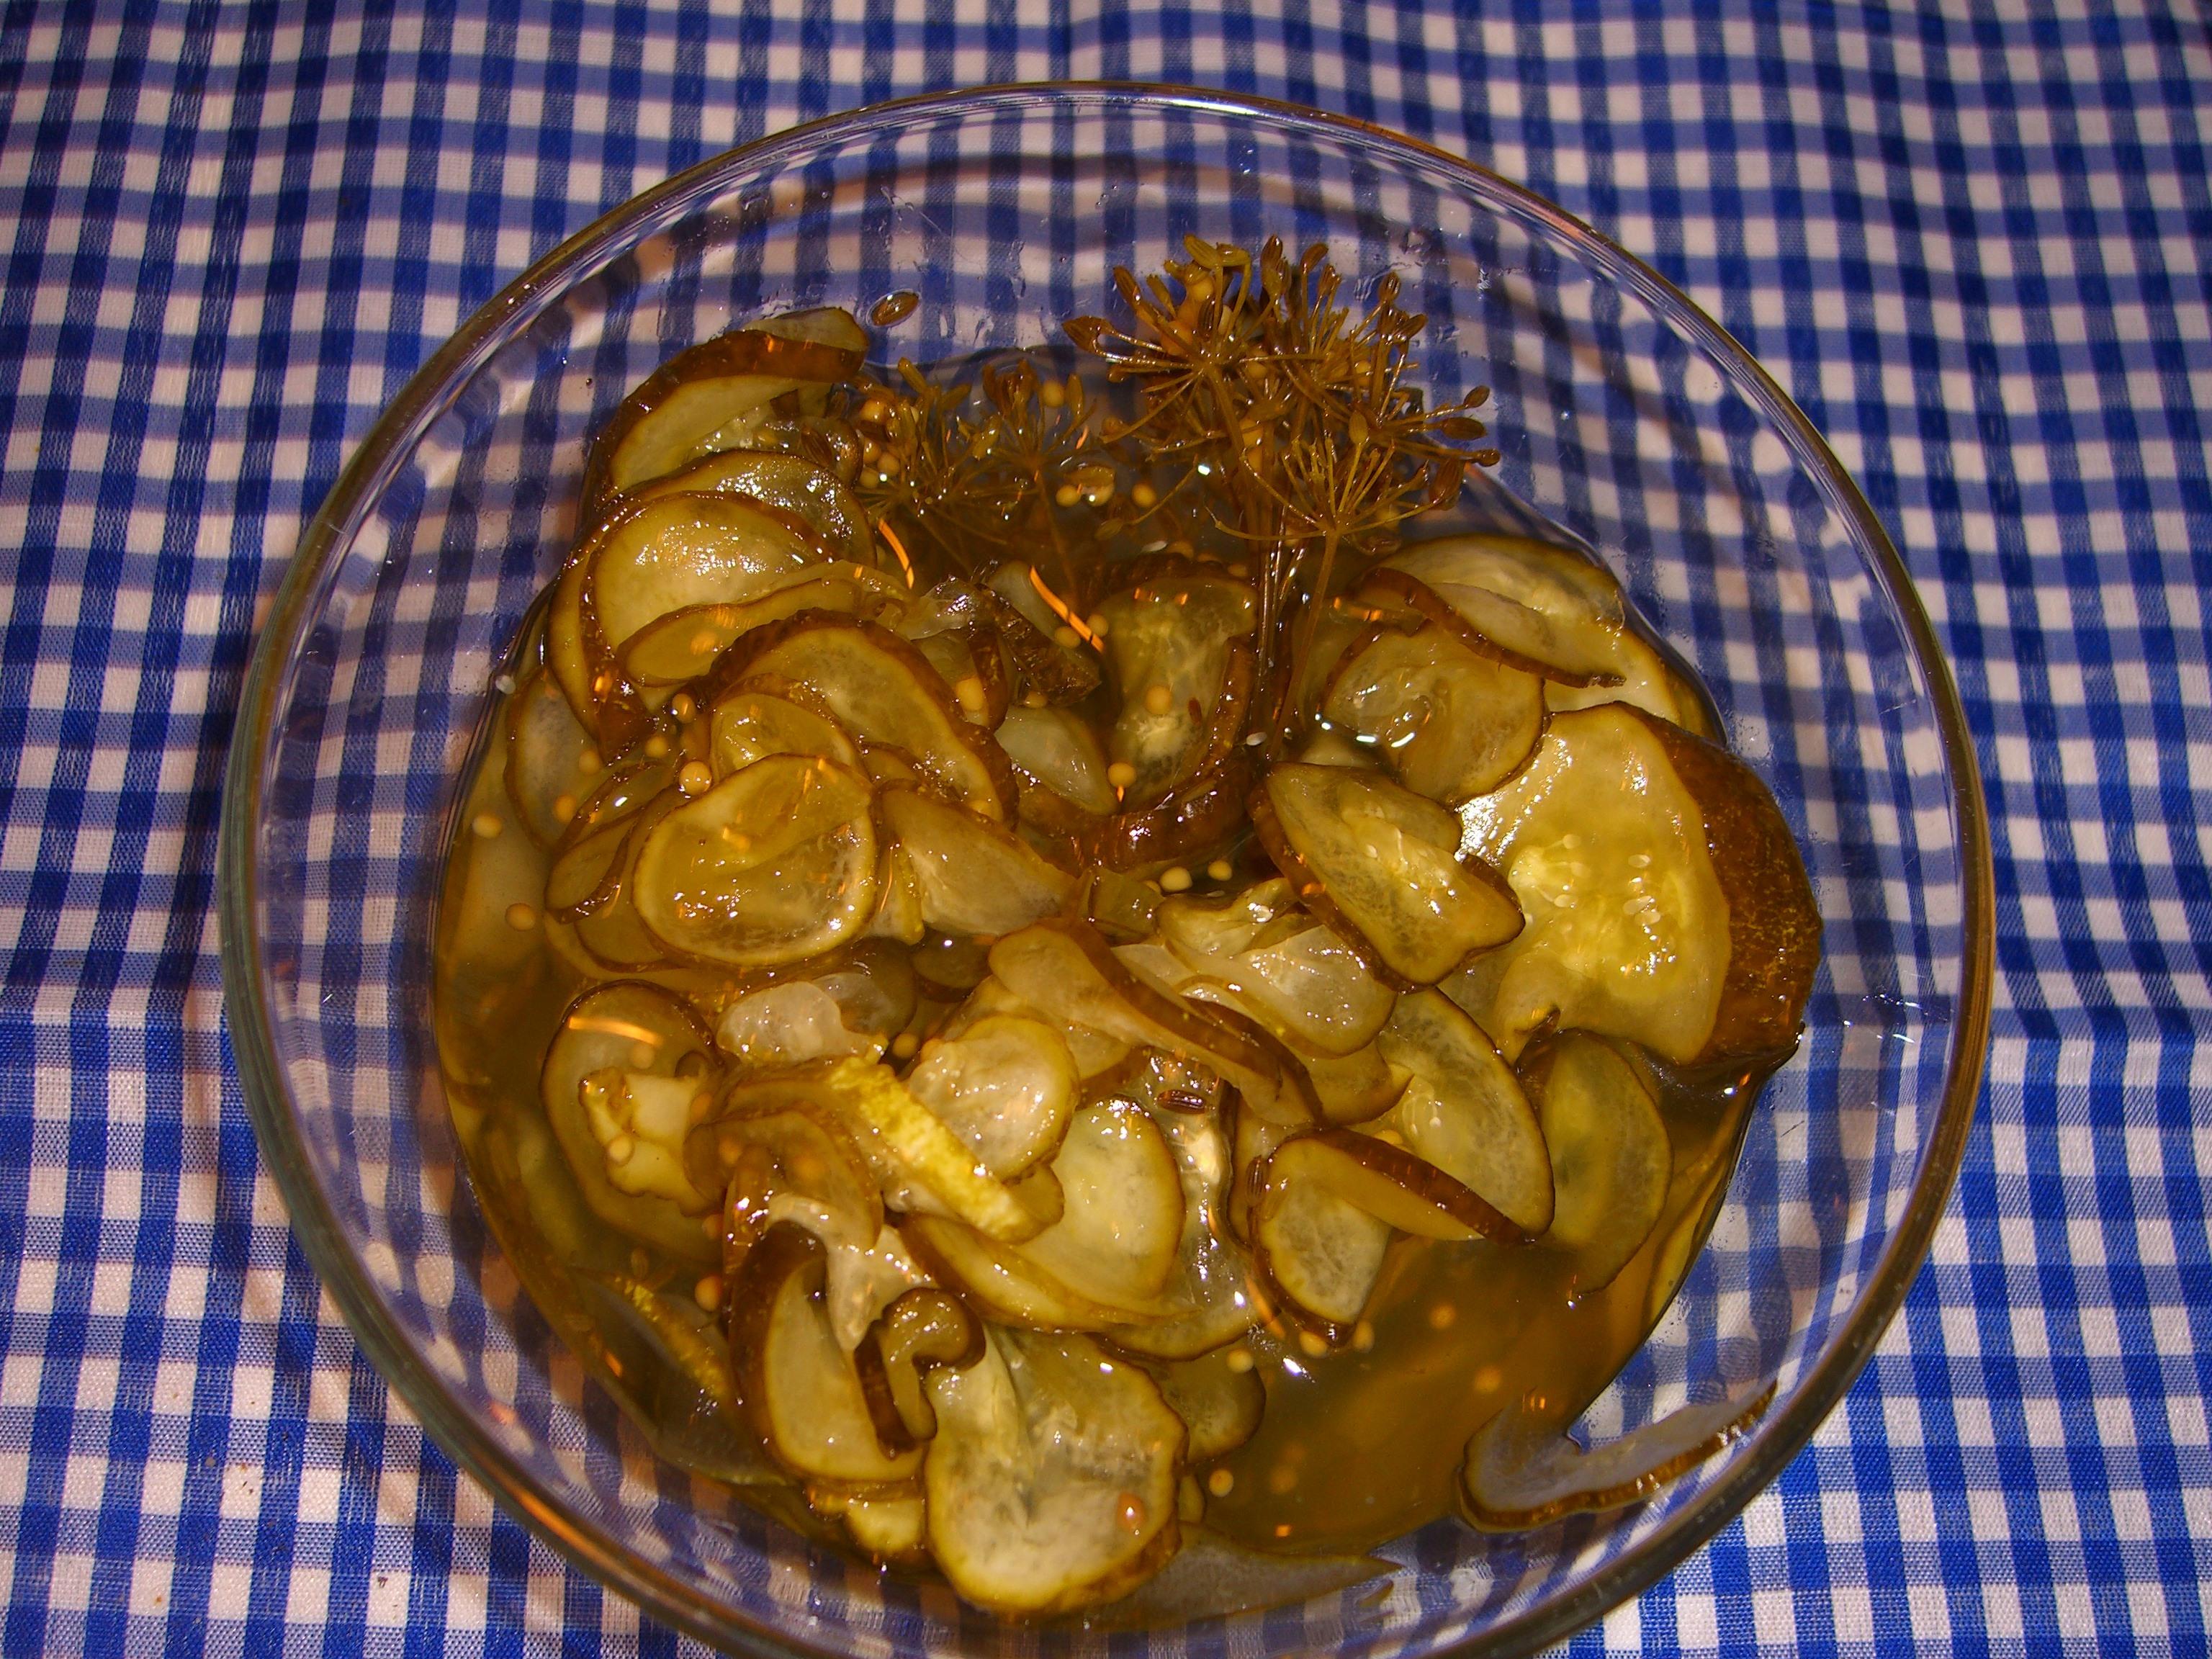 Inlagd gurka - Ej kokt lag